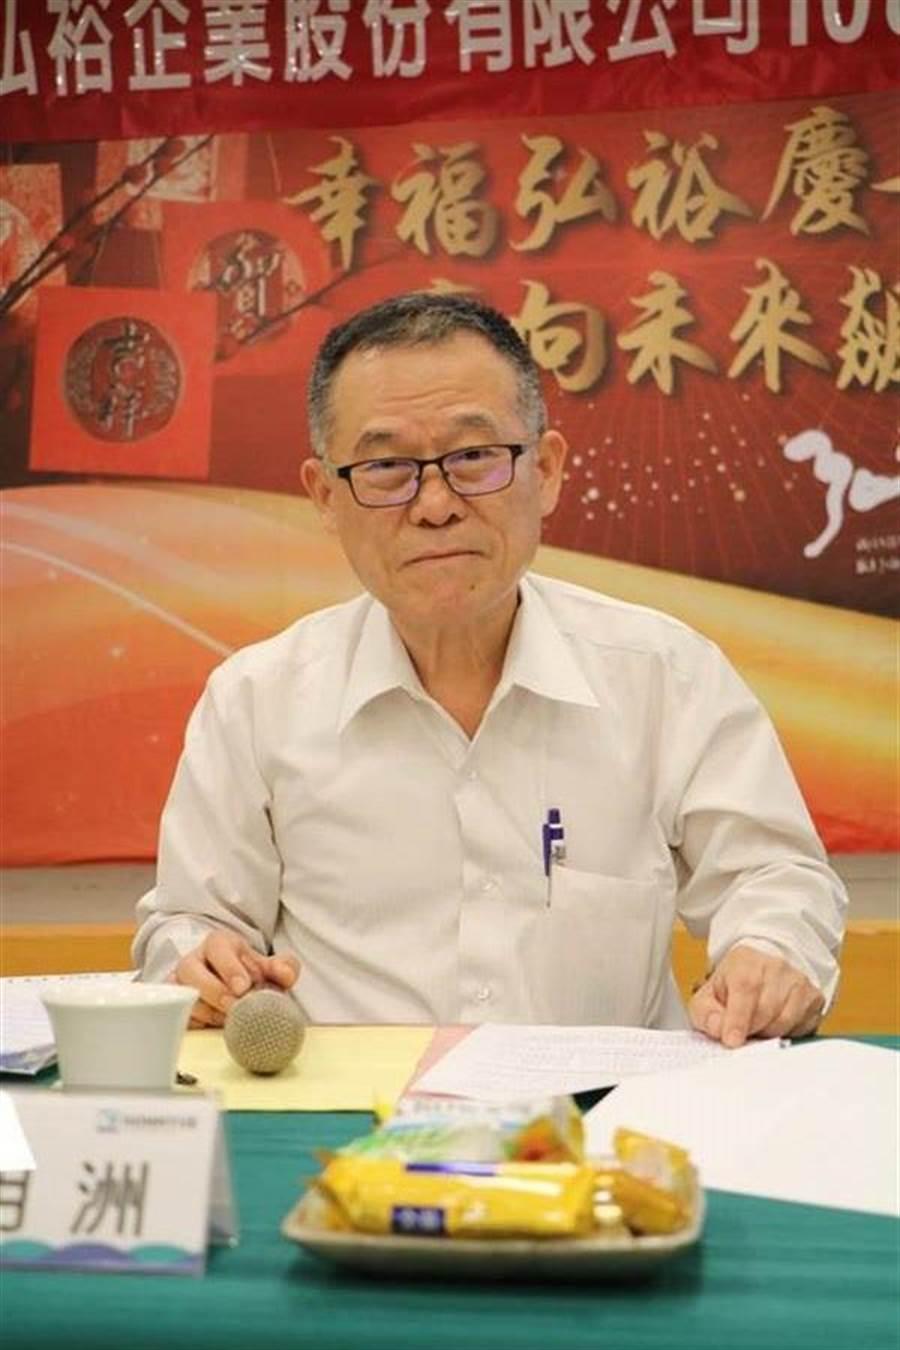 弘裕企業董事長葉明洲25日親自主持股東常會,並透露公司最新重大投資案。圖:劉朱松